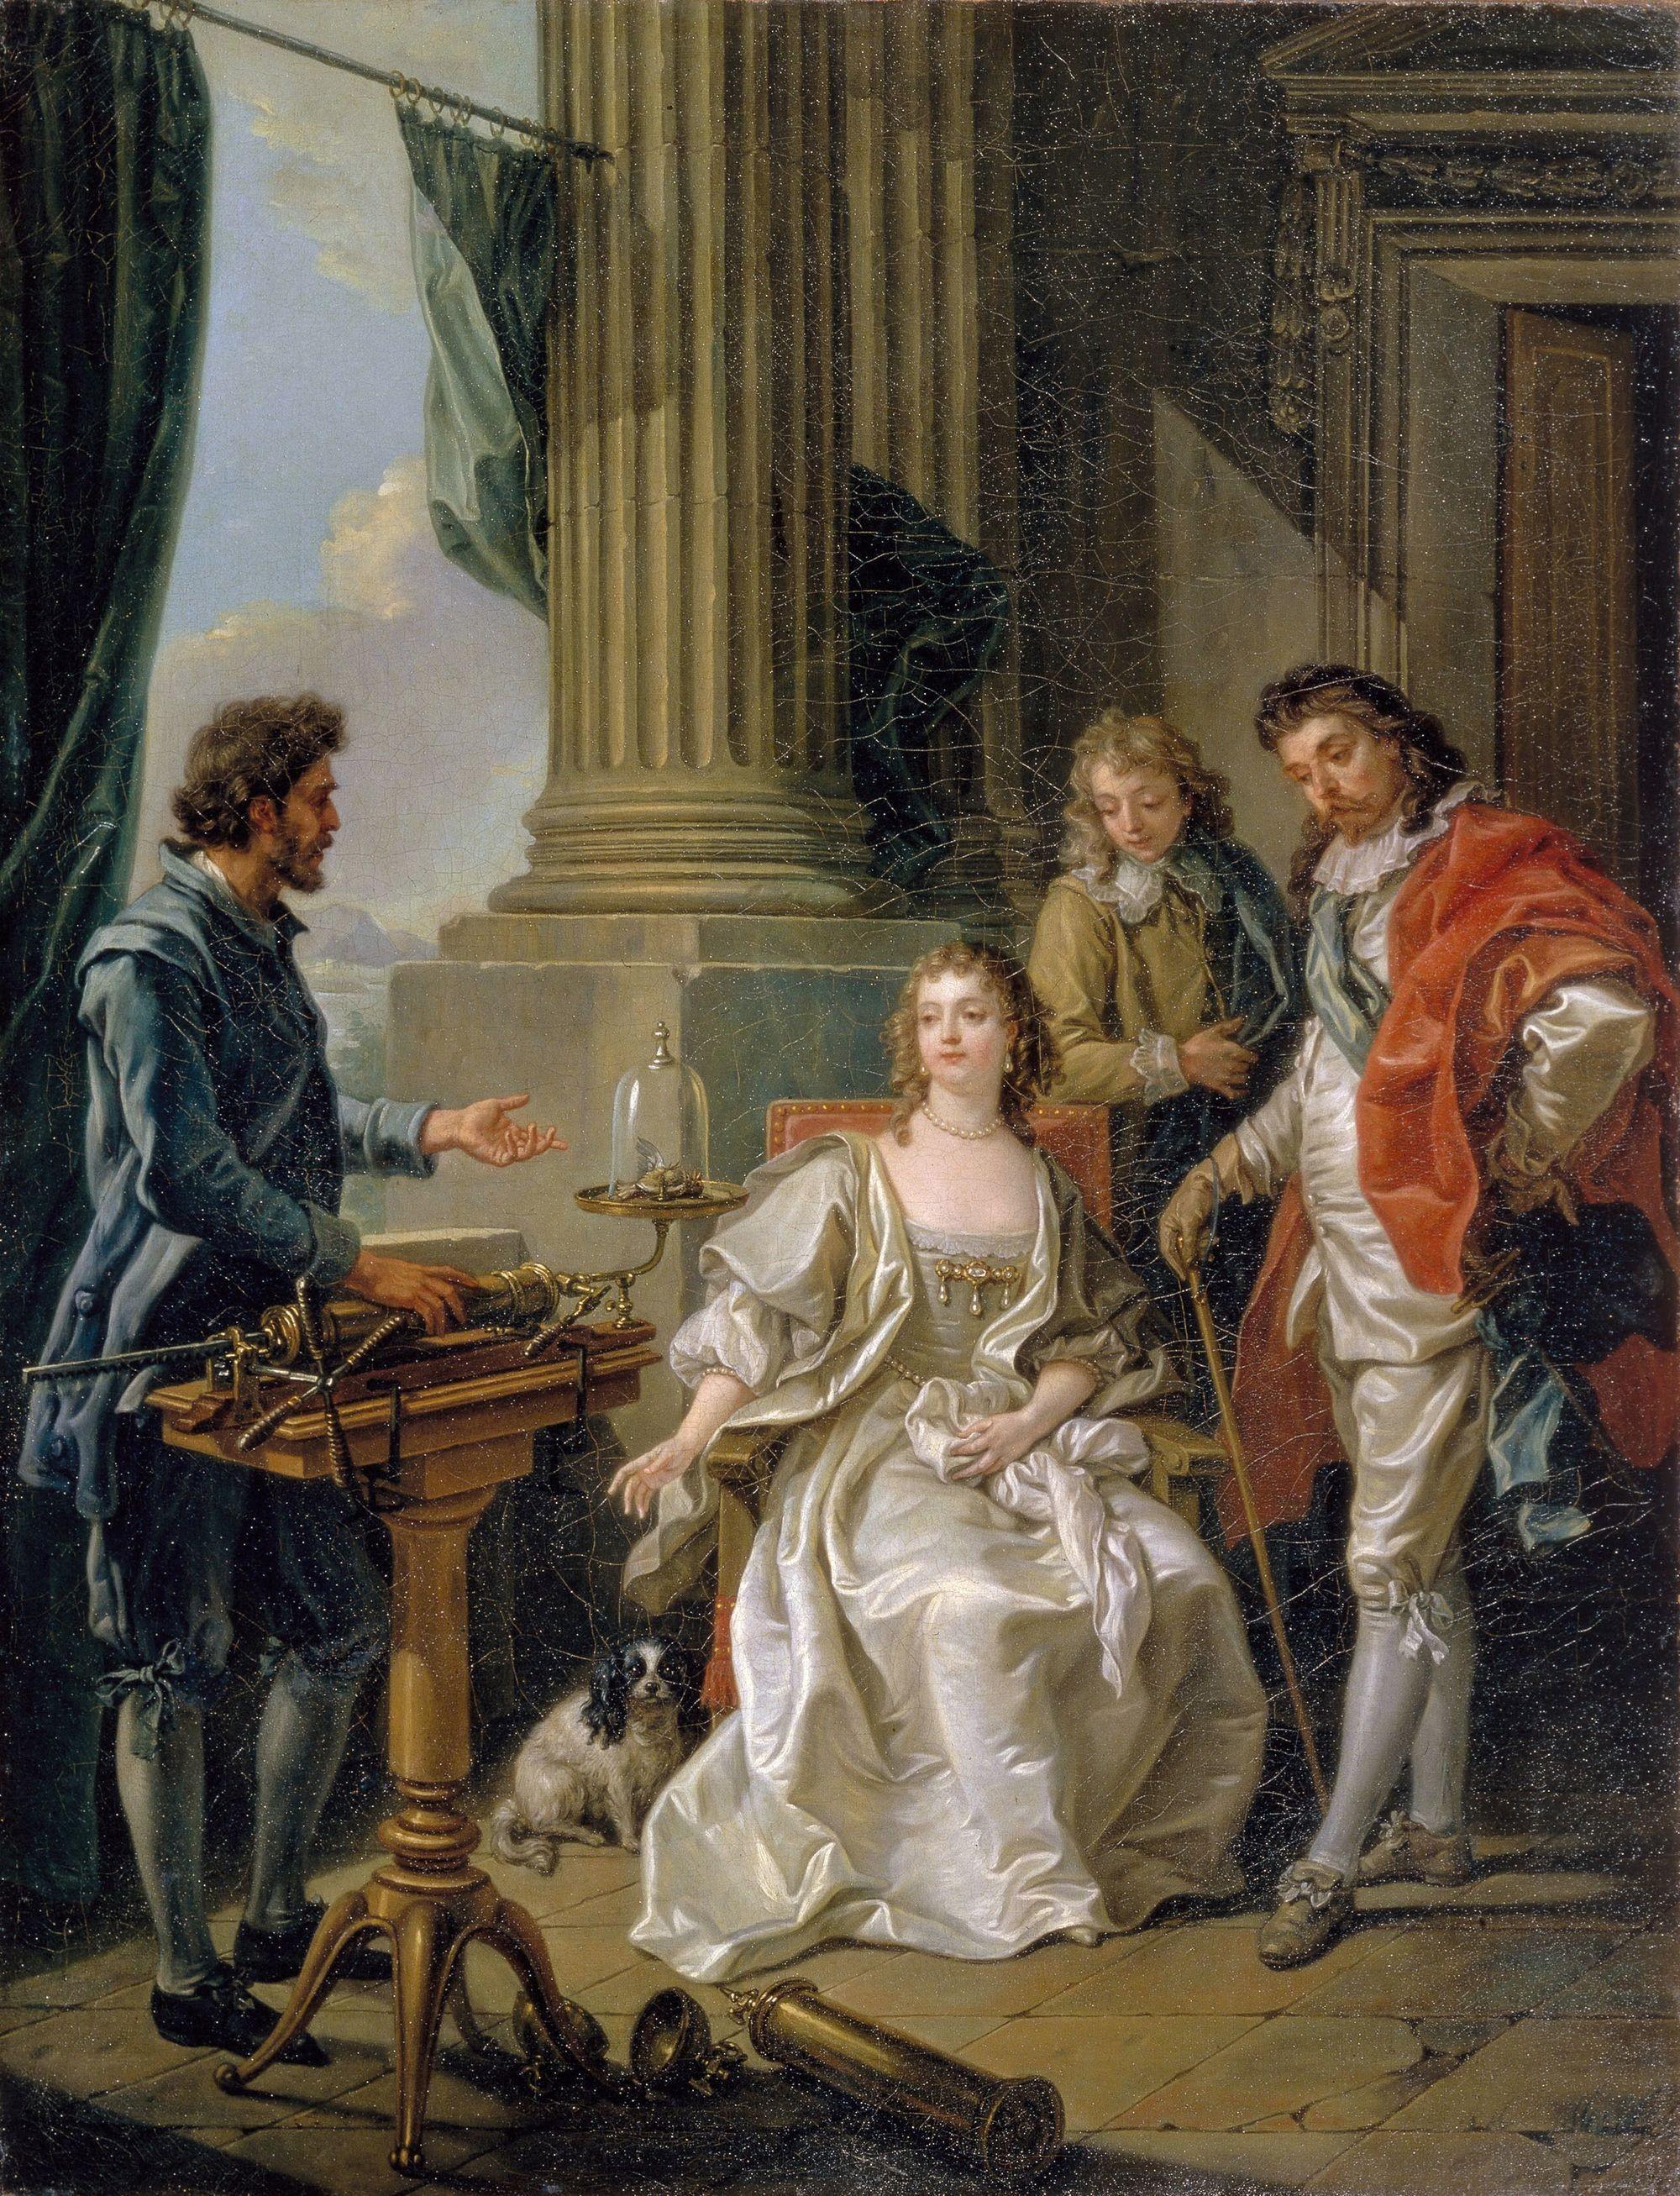 Amédée Van Loo, Expérience pneumatique, 1777, huile sur toile (détail), 113 x 90 cm, musée du château d'Arkhangelsk